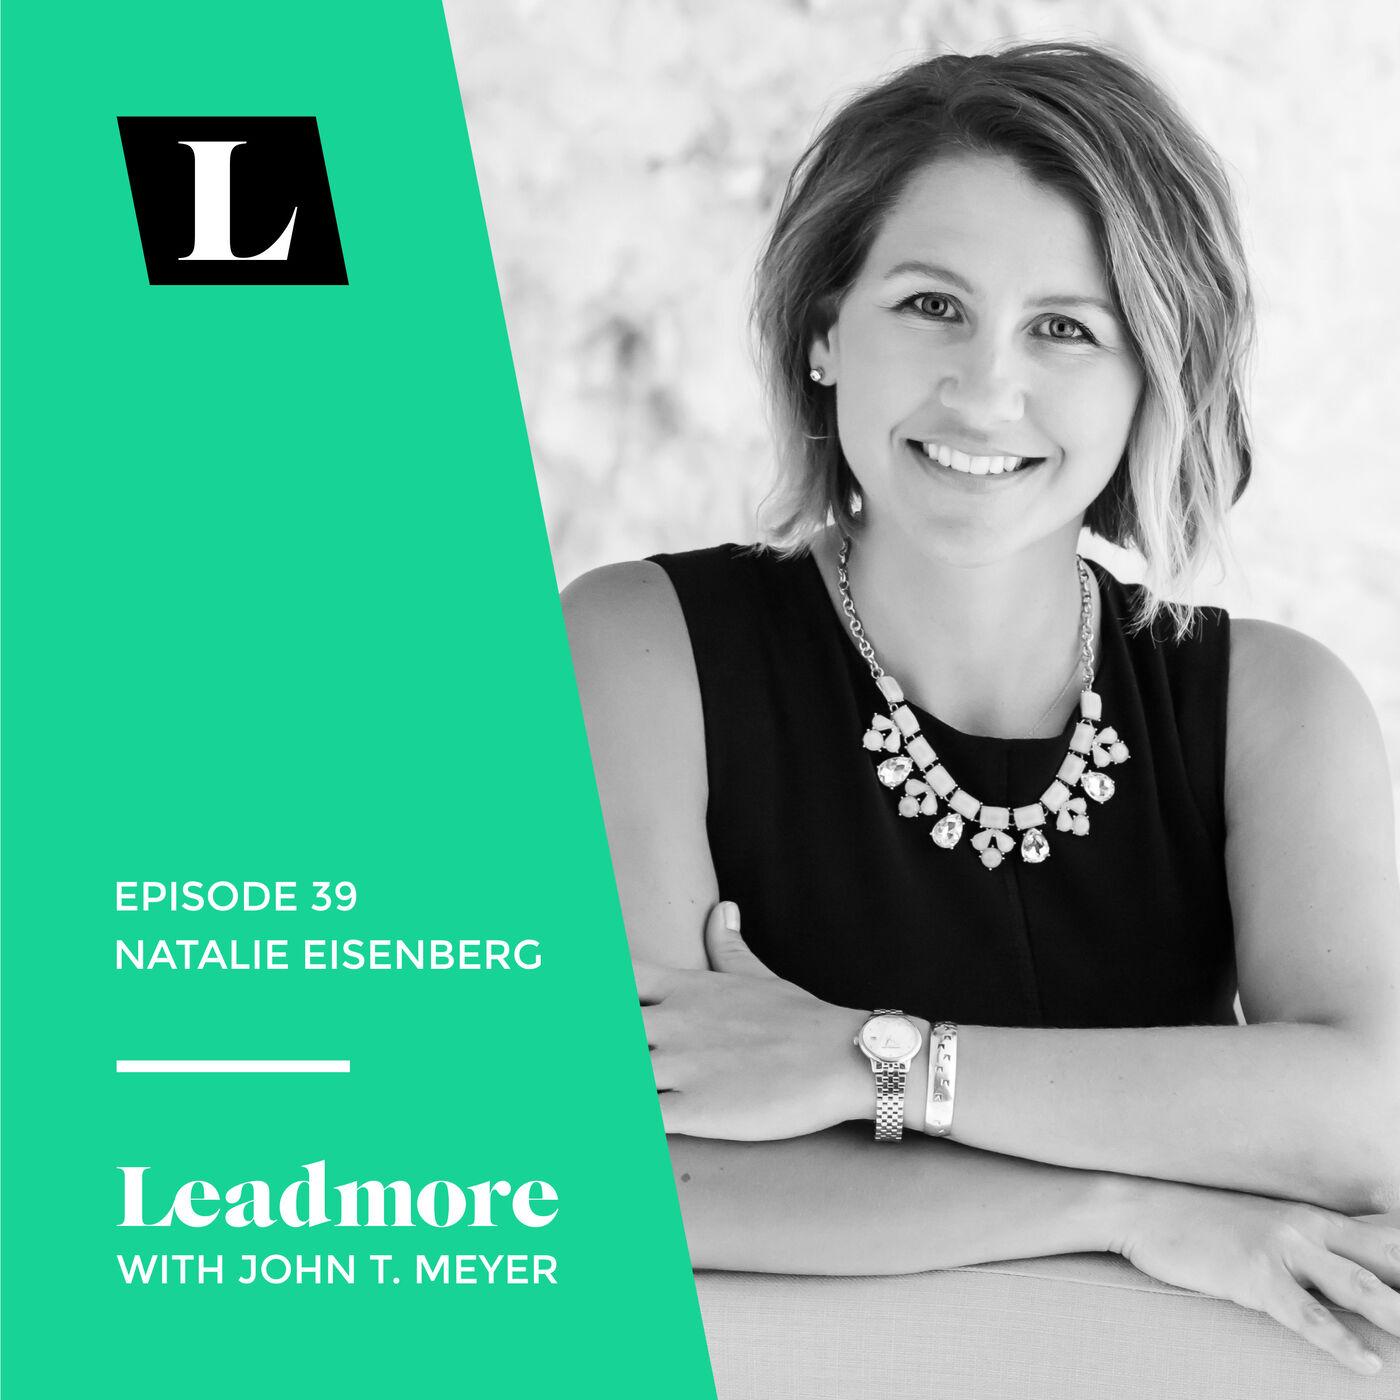 Replacing Leaders with Natalie Eisenberg